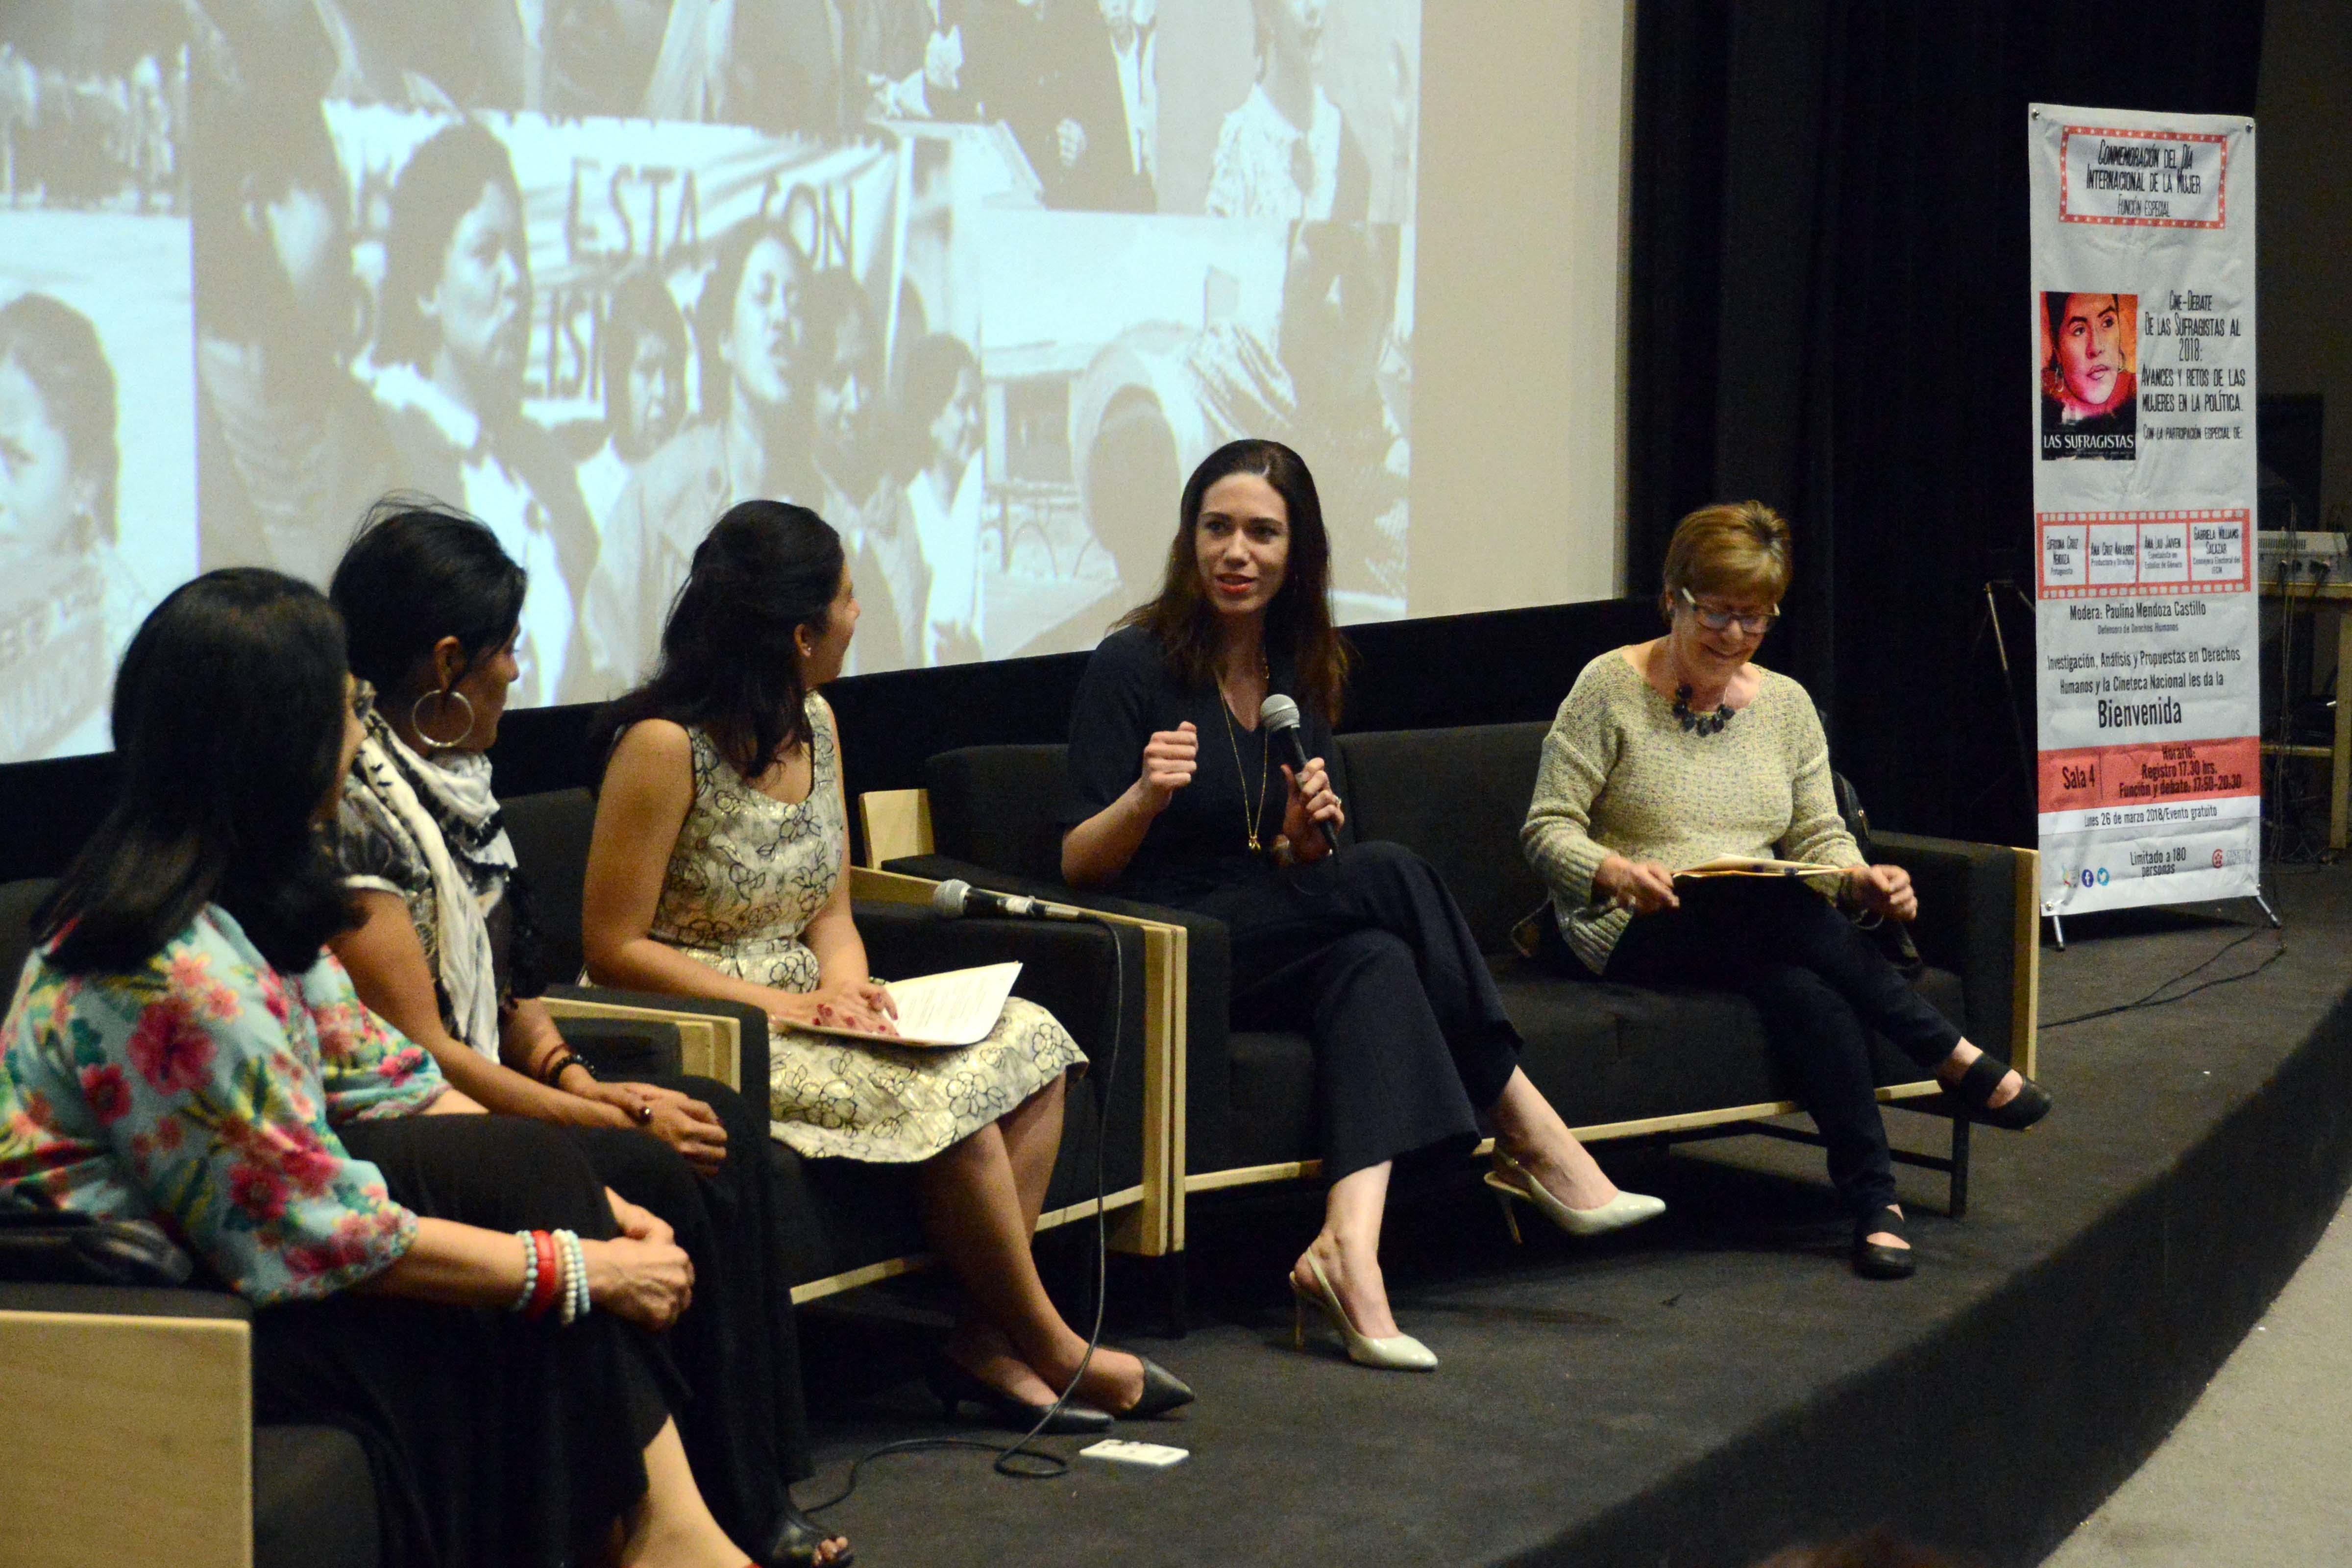 Ejercer el poder con liderazgo transformador, para modificar esquemas sociales y culturales: Gabriela Williams